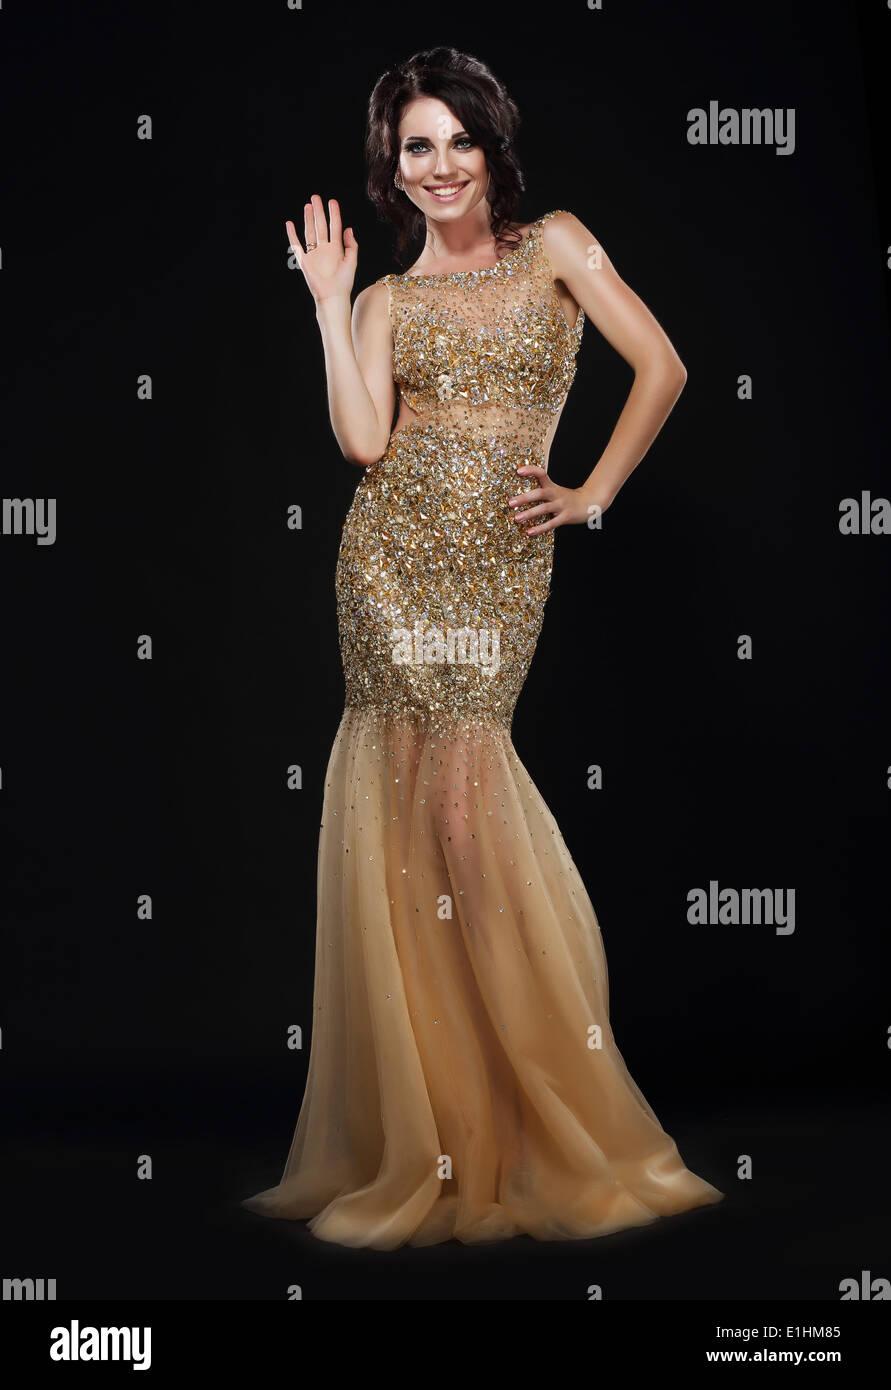 El Stylishness. Mujer joven bien vestido de largo vestido dorado Imagen De Stock